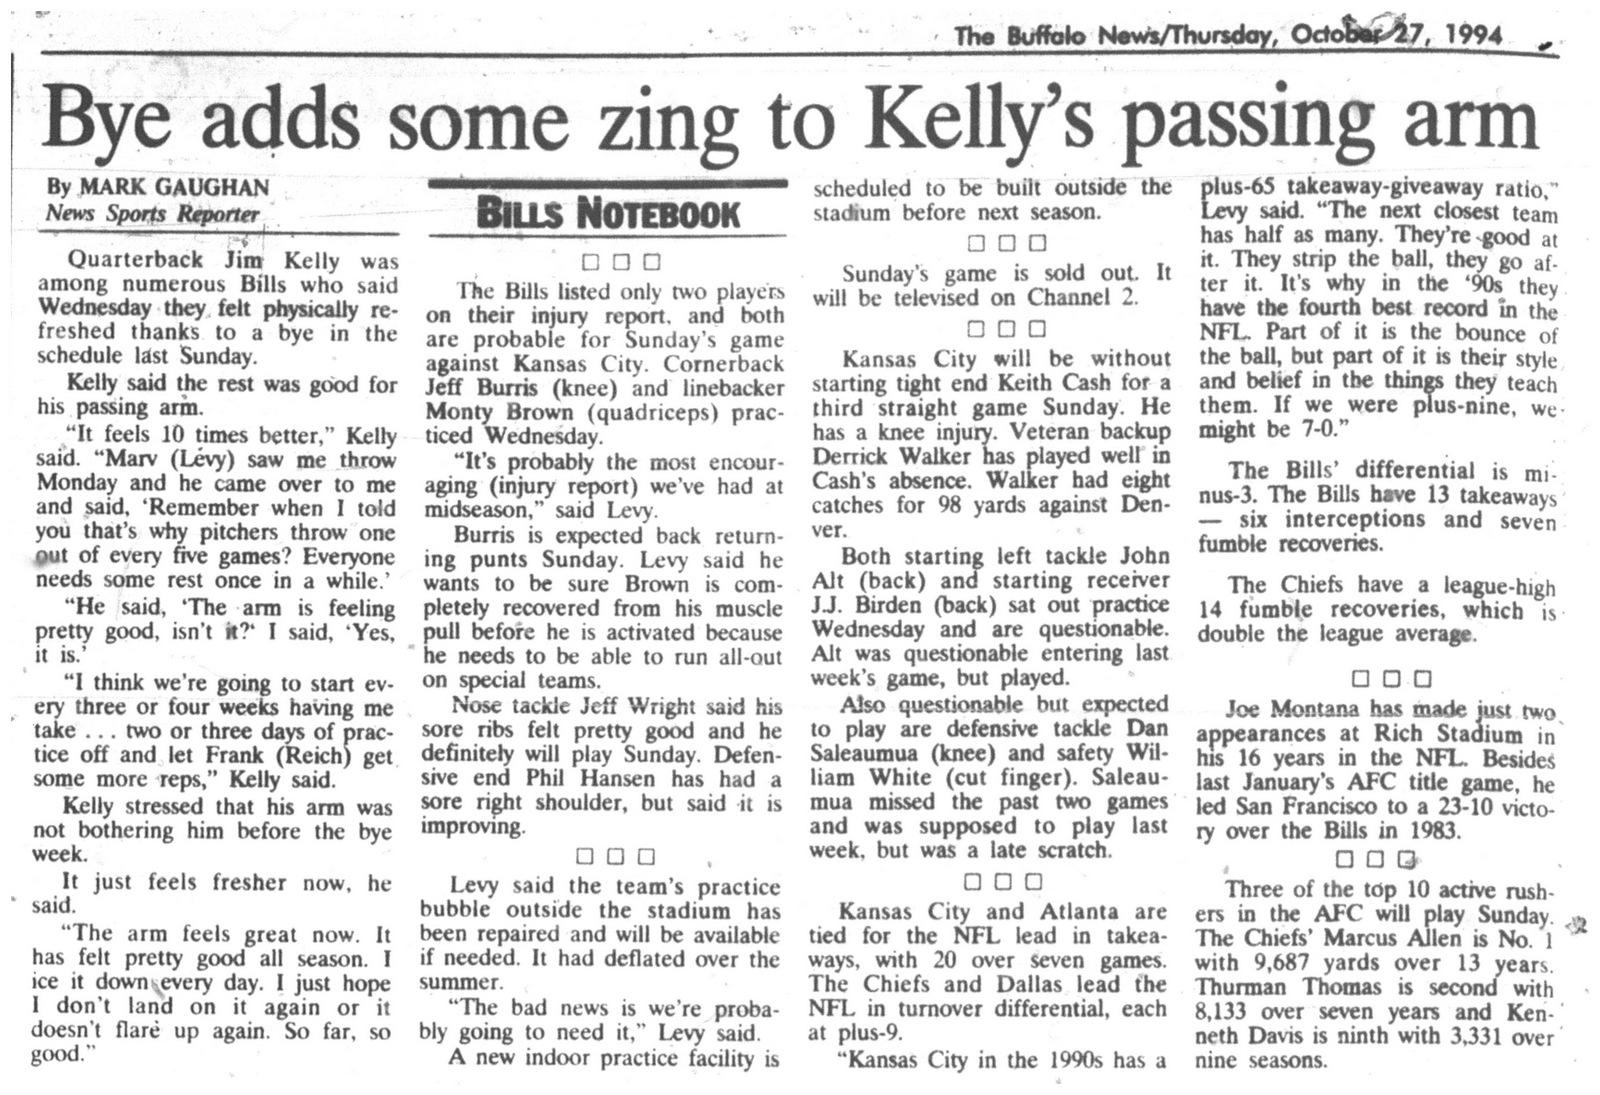 27 oct 1994 bye week good for Kellys arm